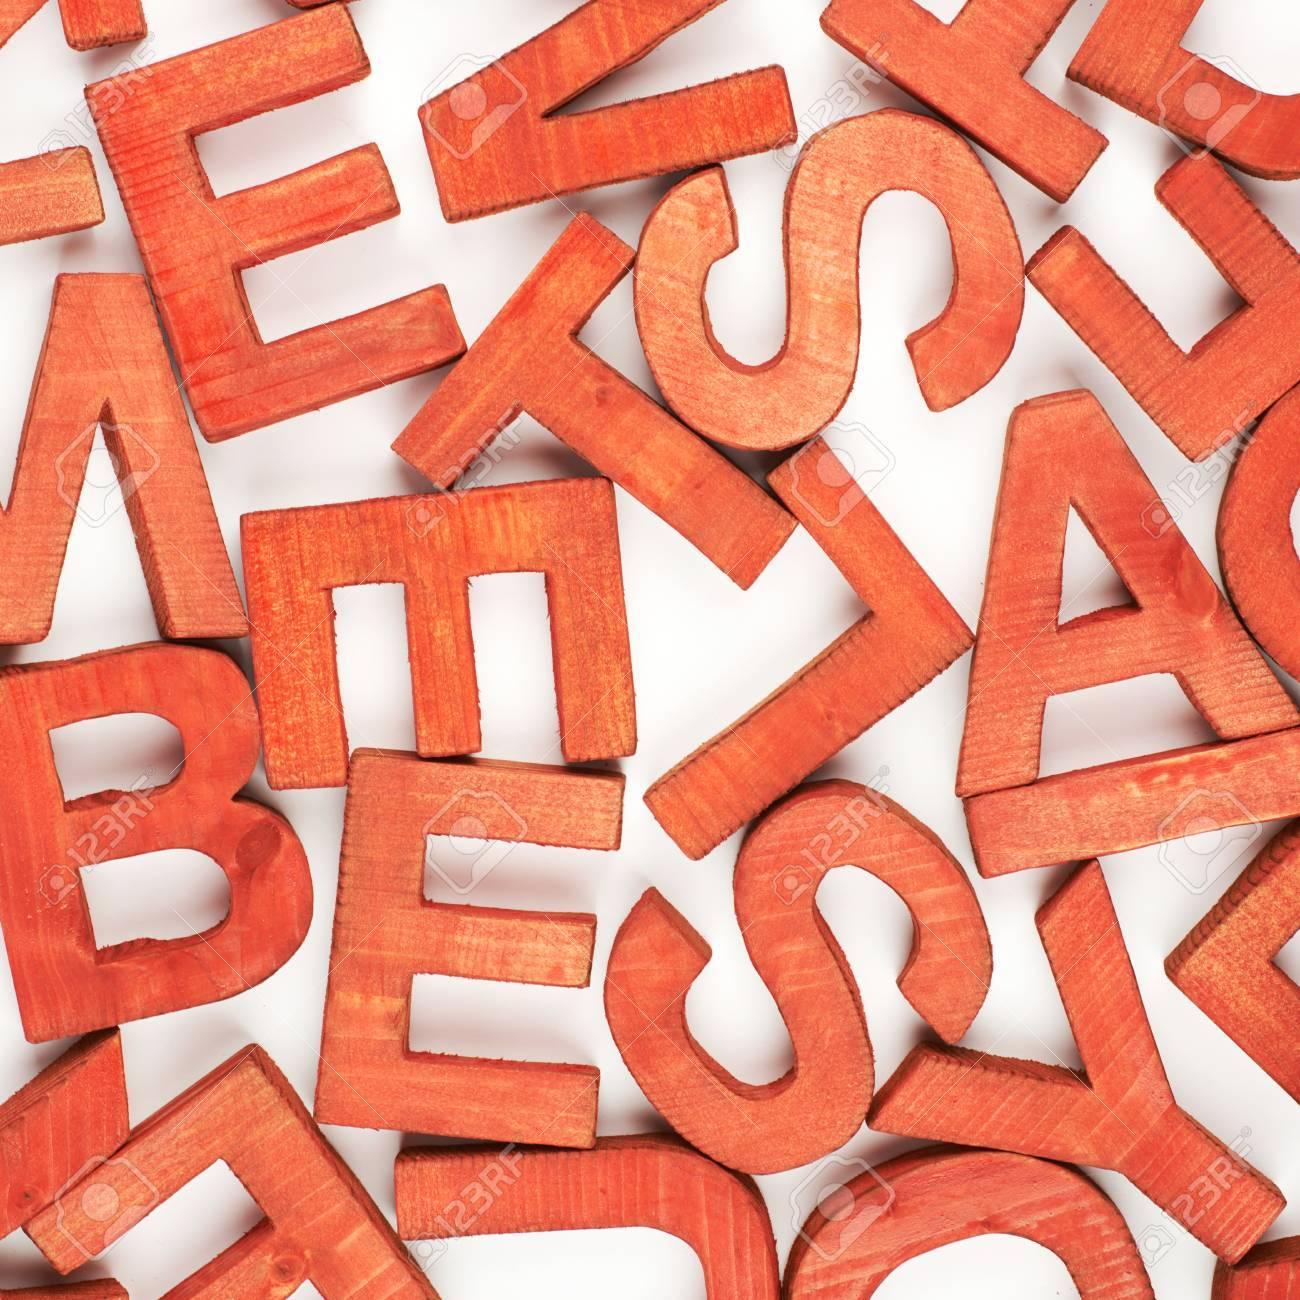 Surface Revetue Des Multiples Lettres En Bois Peintes En Tant Que